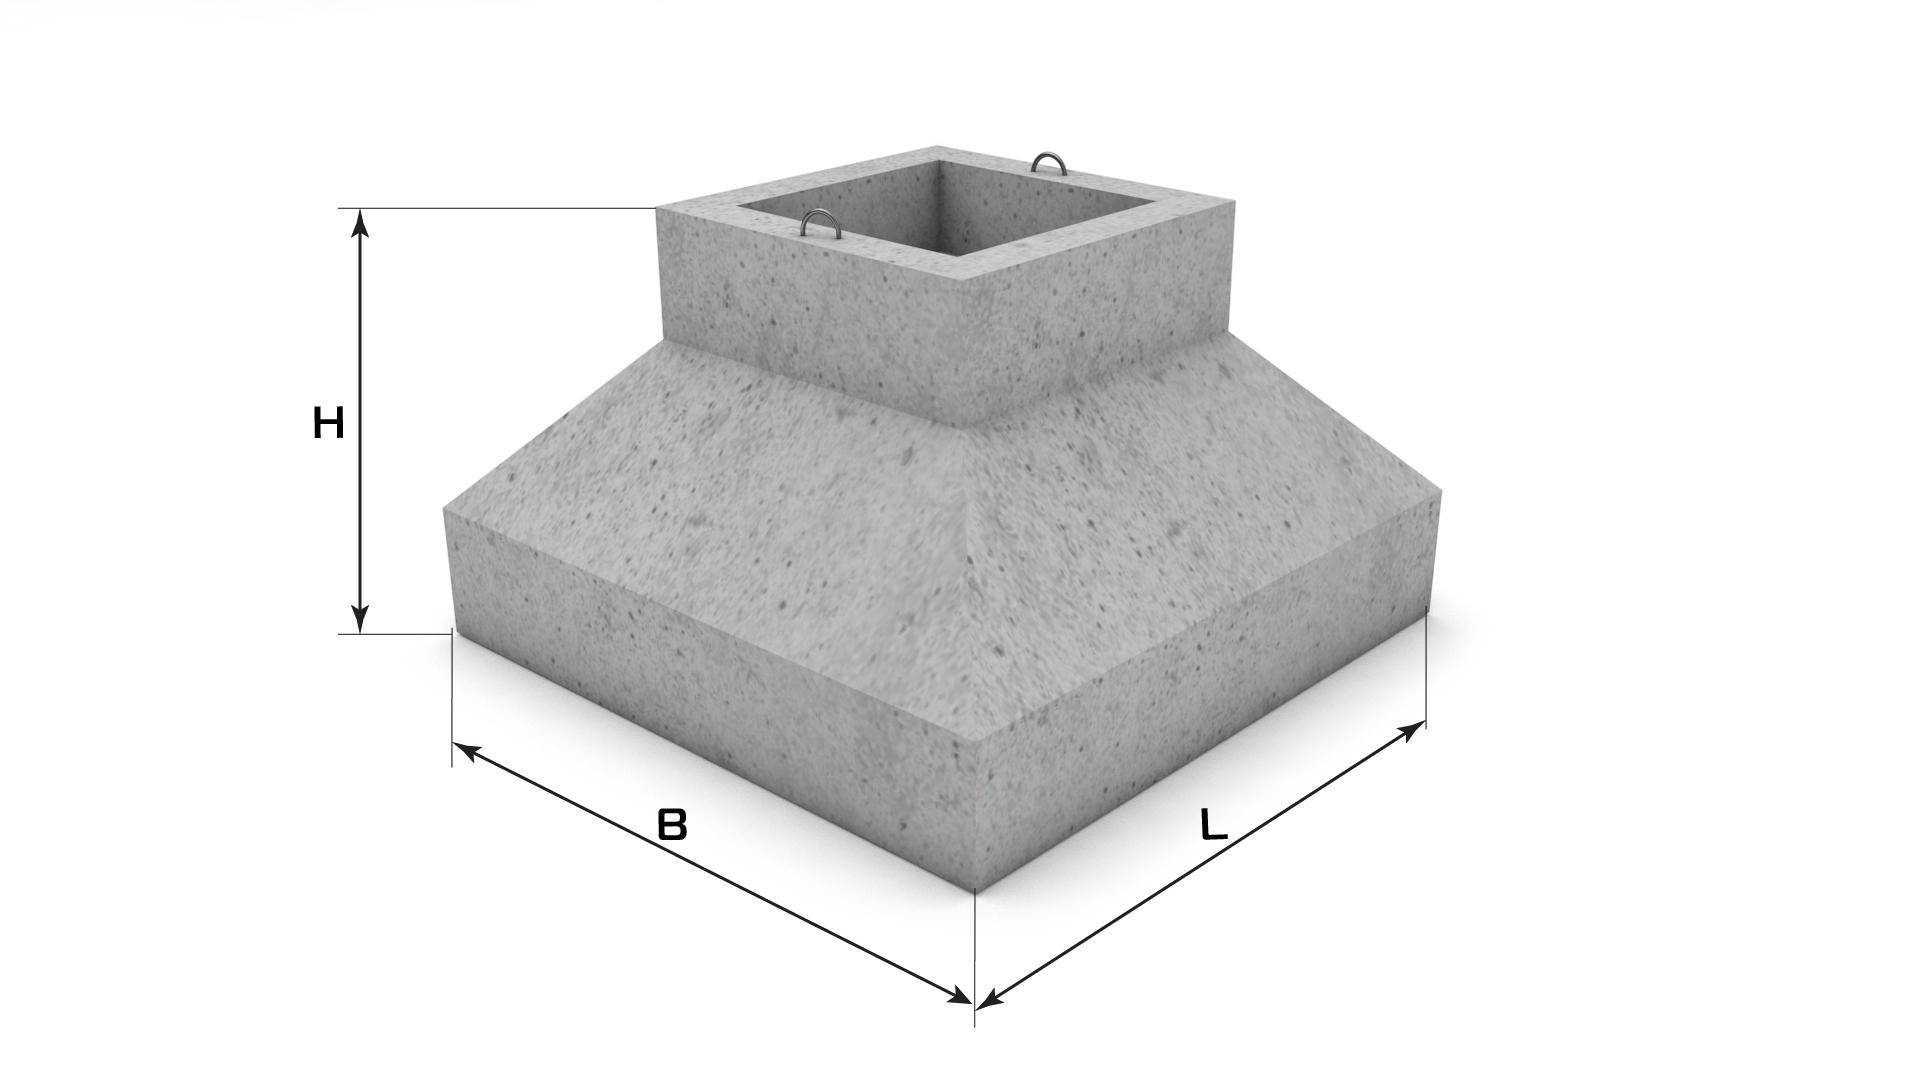 фундамент стаканного типа под колонны 300х300